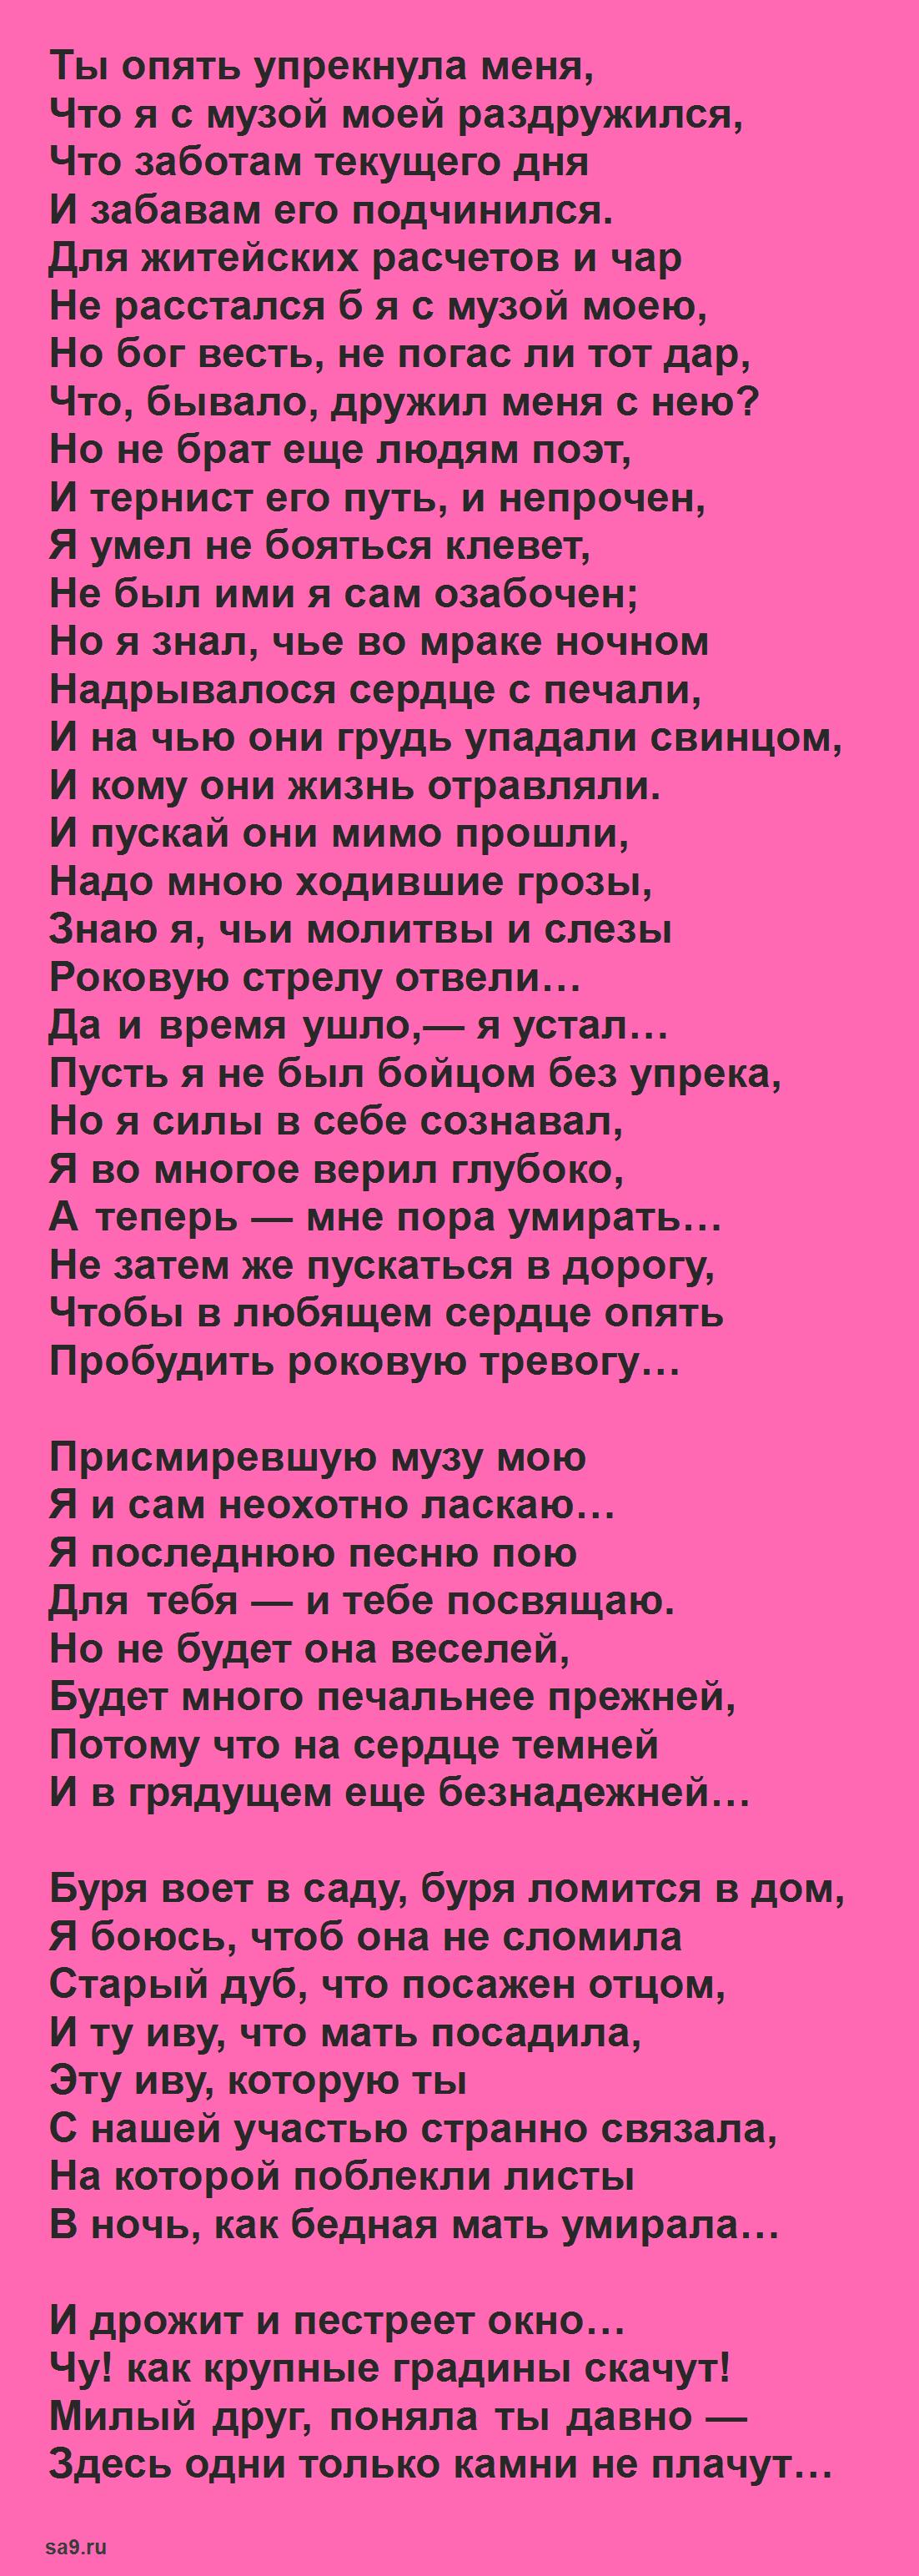 Стих Некрасова - Мороз красный нос